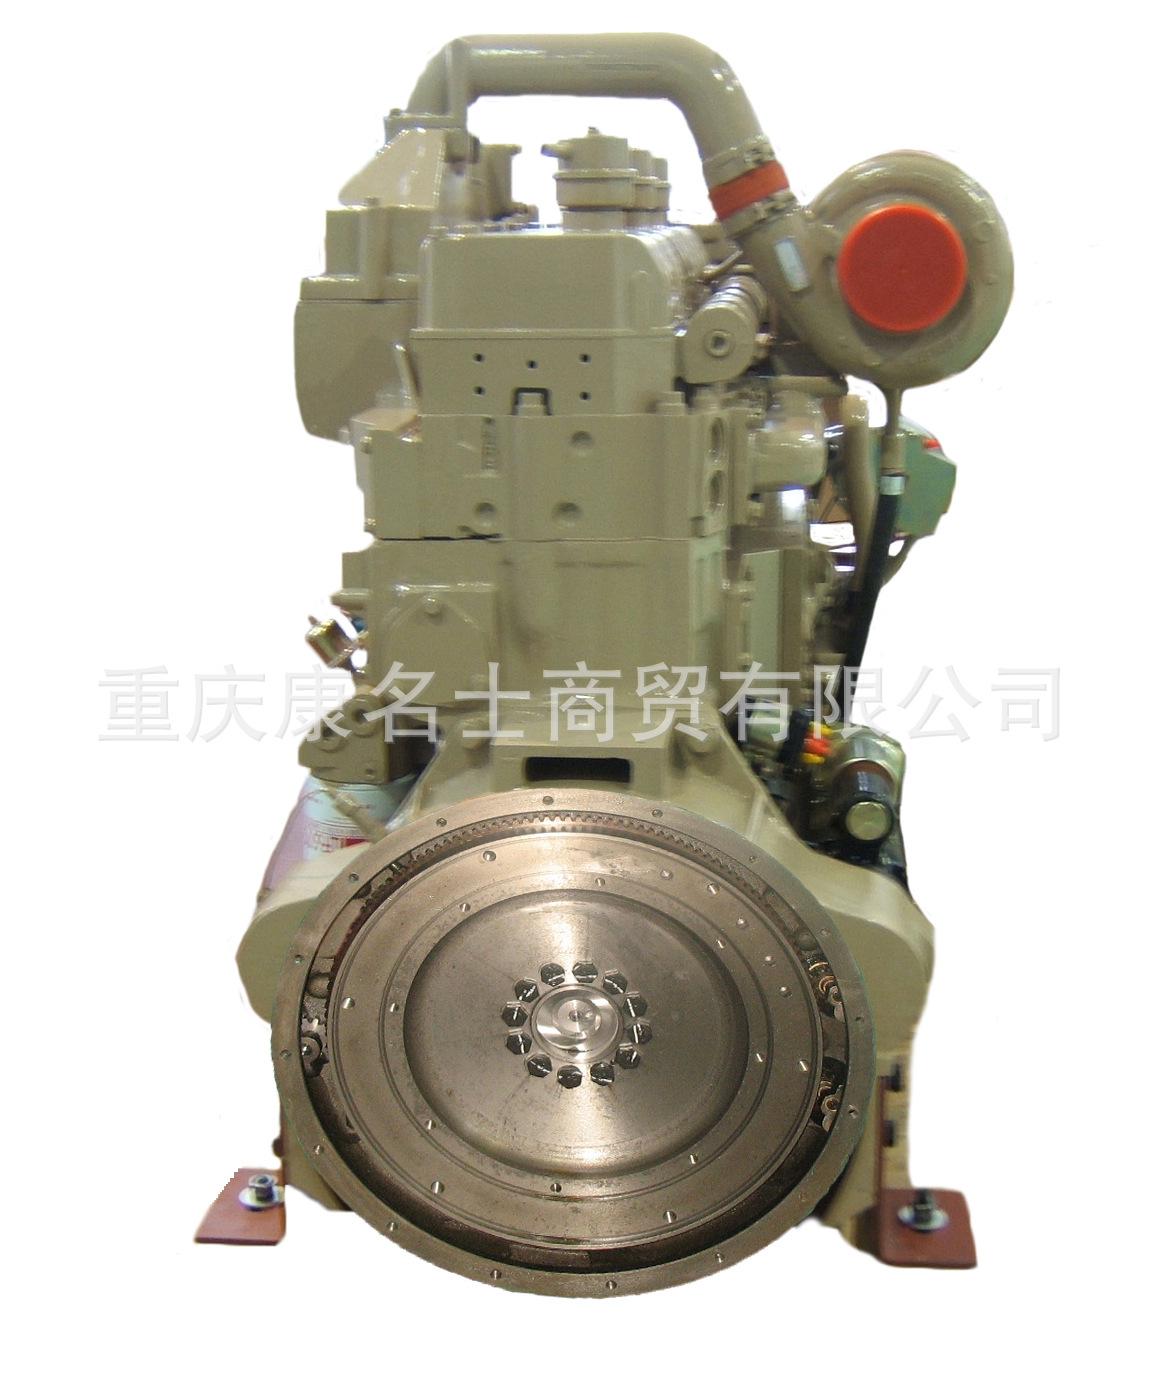 3959607康明斯软管支架ISB-300发动机配件厂价优惠